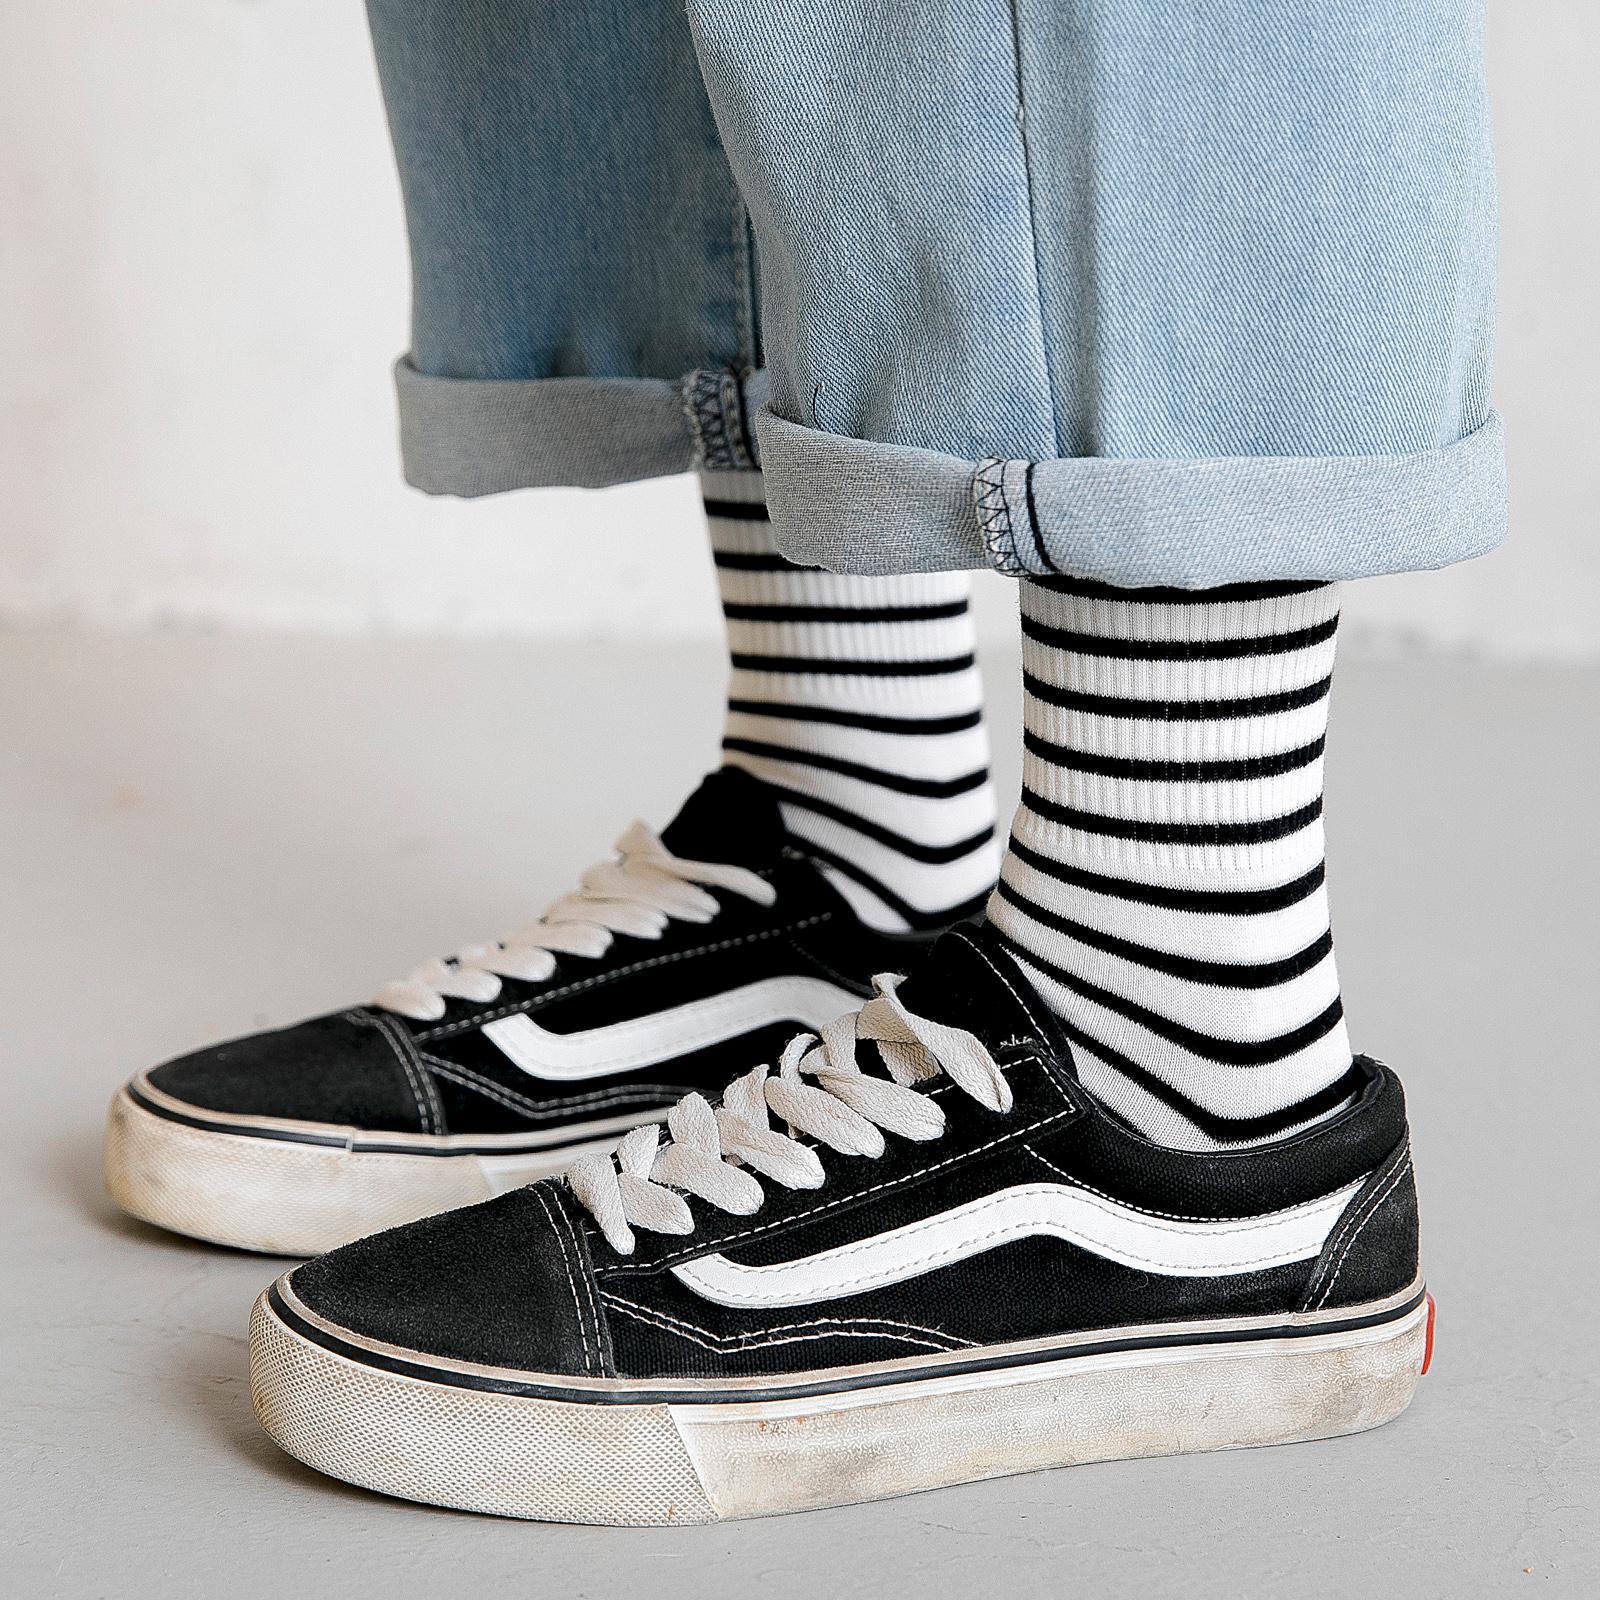 黑白条纹袜子女中筒袜ins潮男韩国薄款夏季韩版ulzzang长筒袜夏天